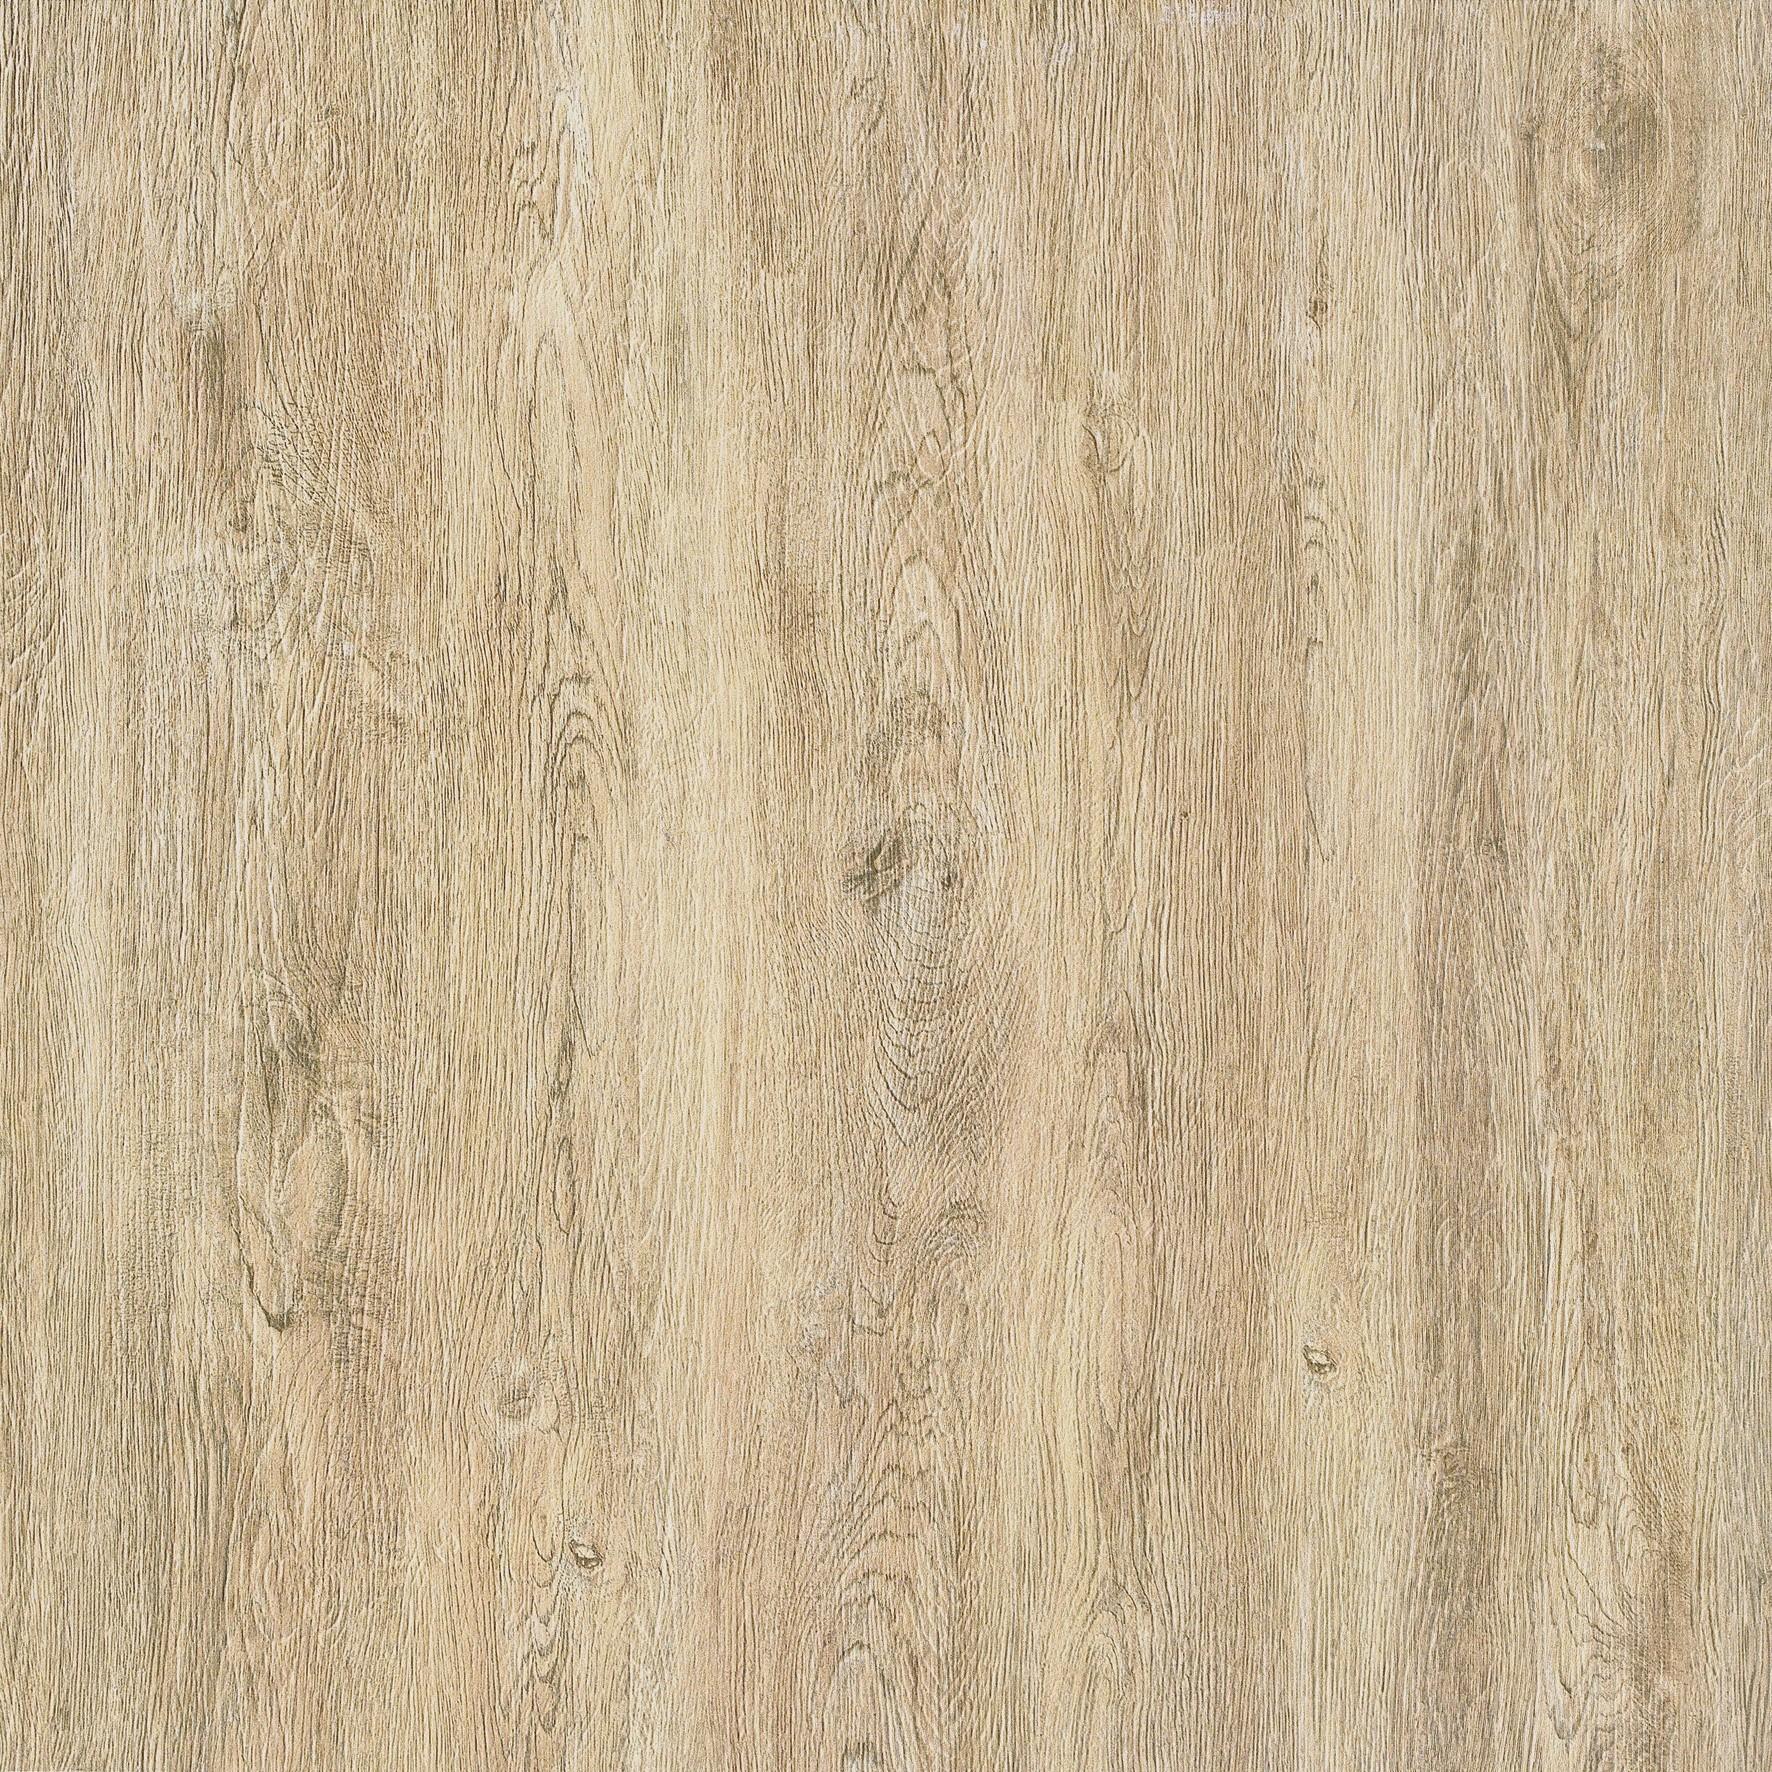 金丝楠木      商品价格: 面议 类型:瓷木地板 本店分类:木